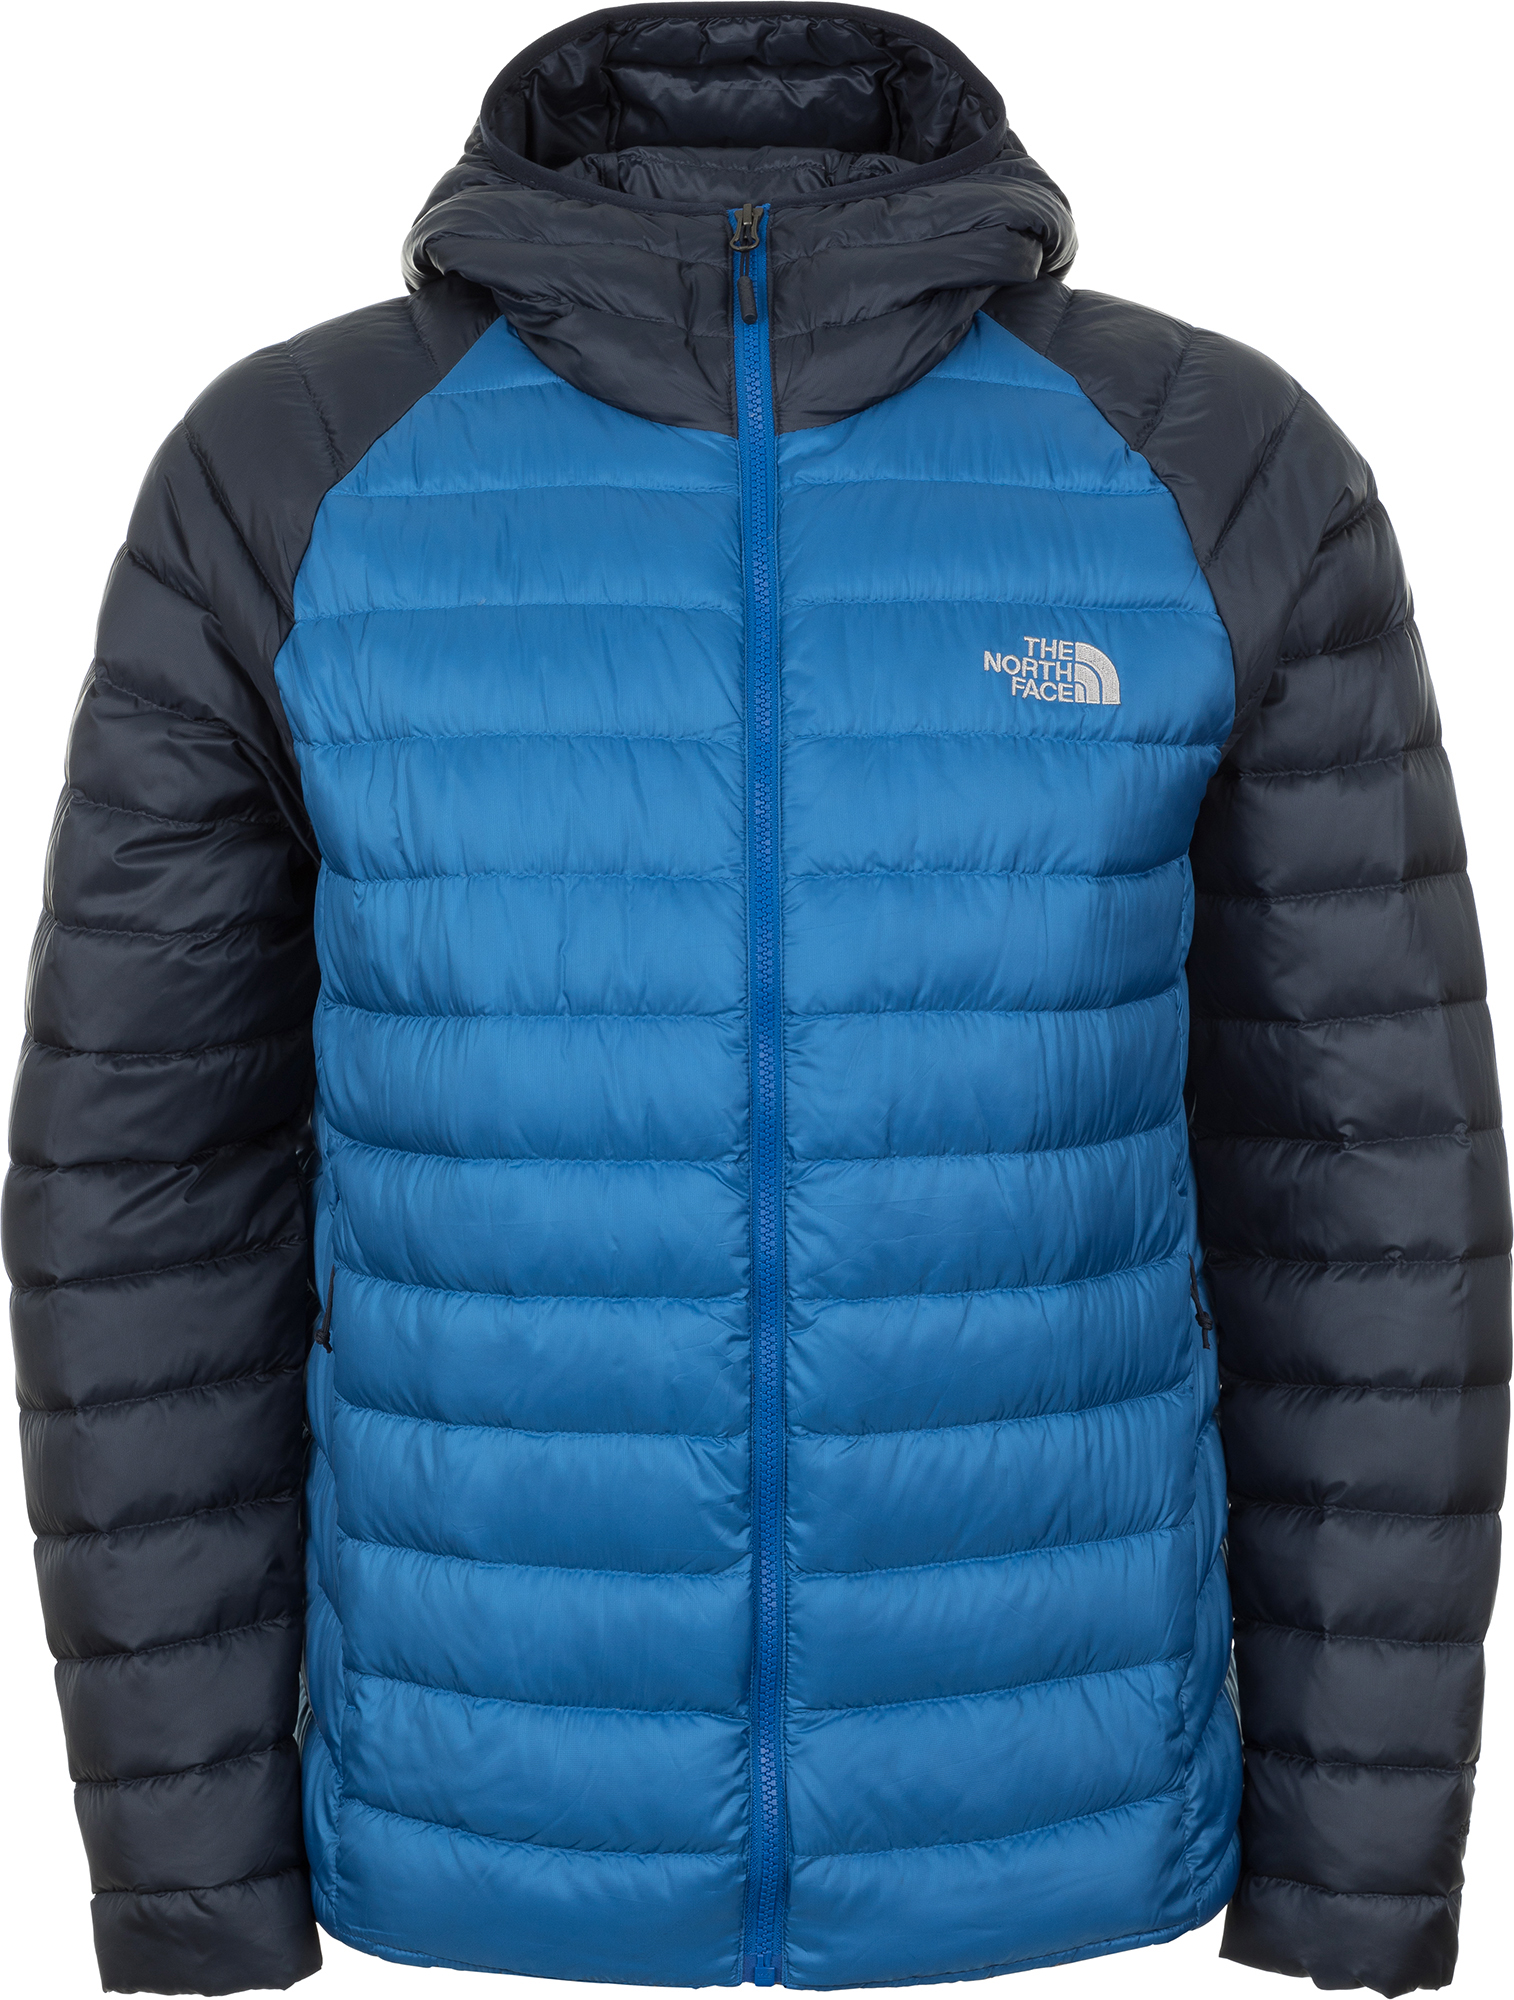 The North Face Куртка пуховая мужская Trevail, размер 52